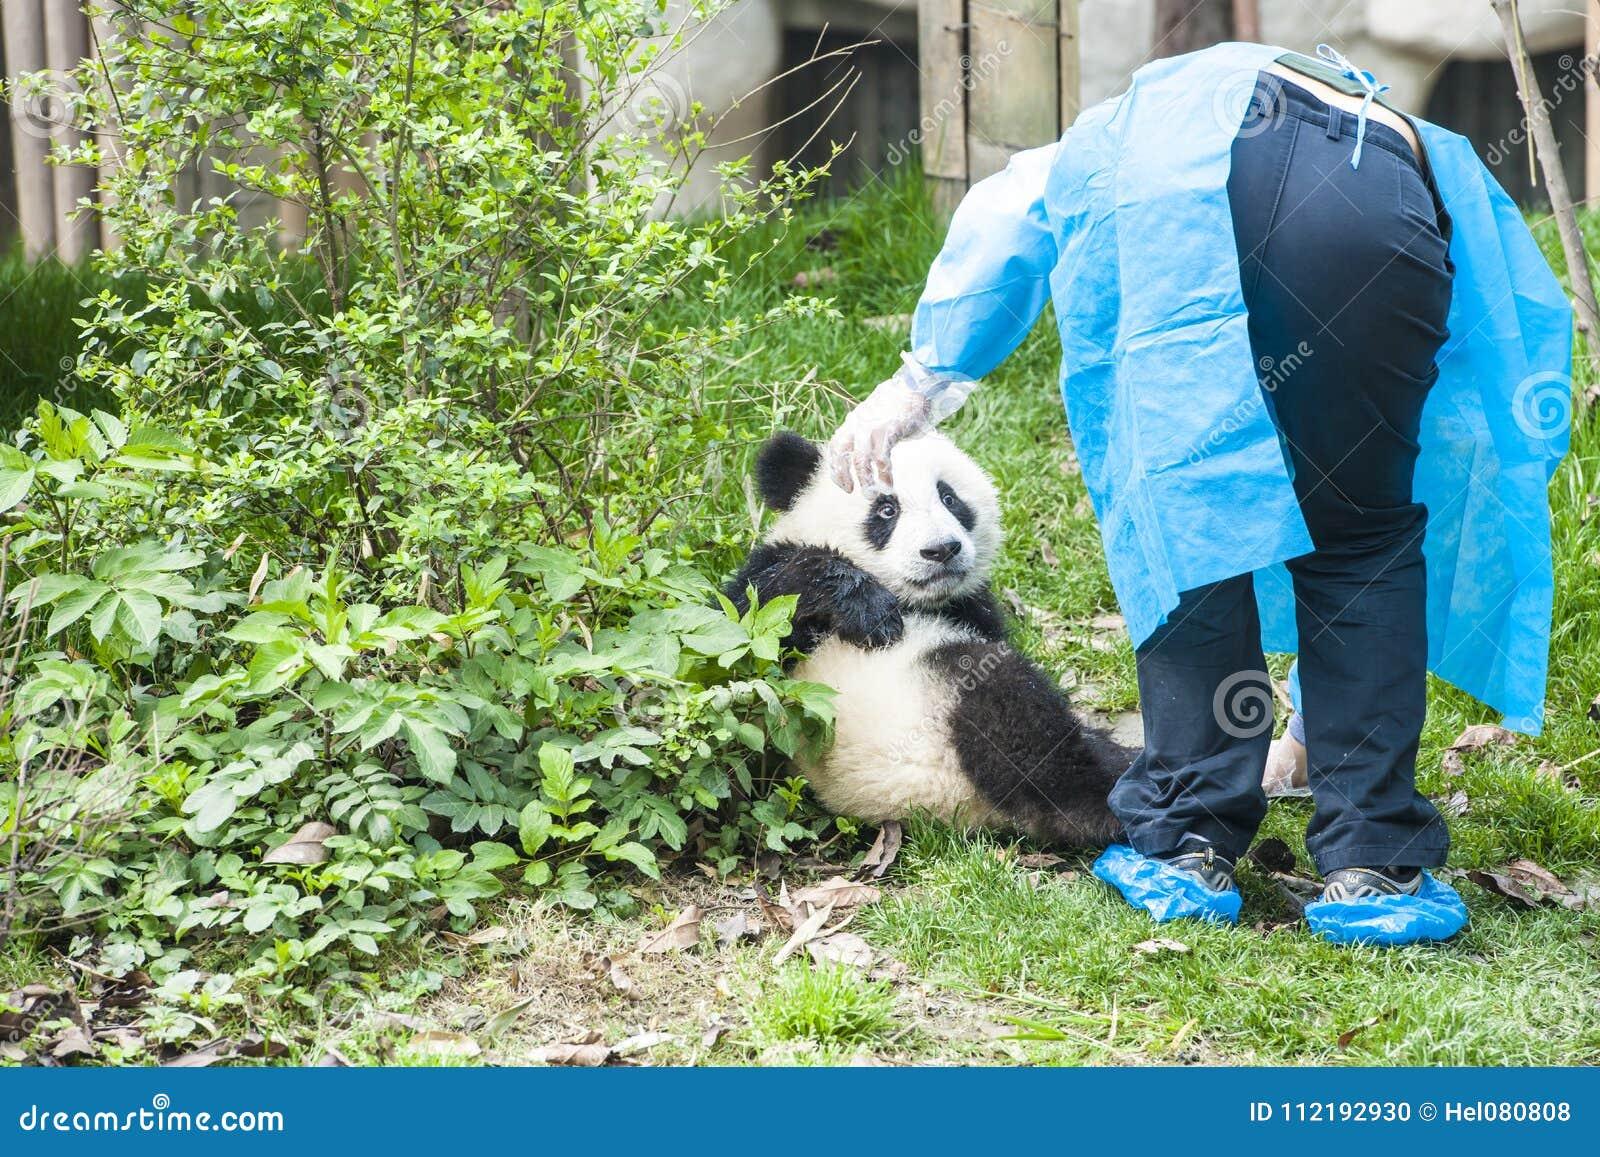 Panda Bear Cub med sjuksköterskan, Panda Research Center Chengdu, Kina